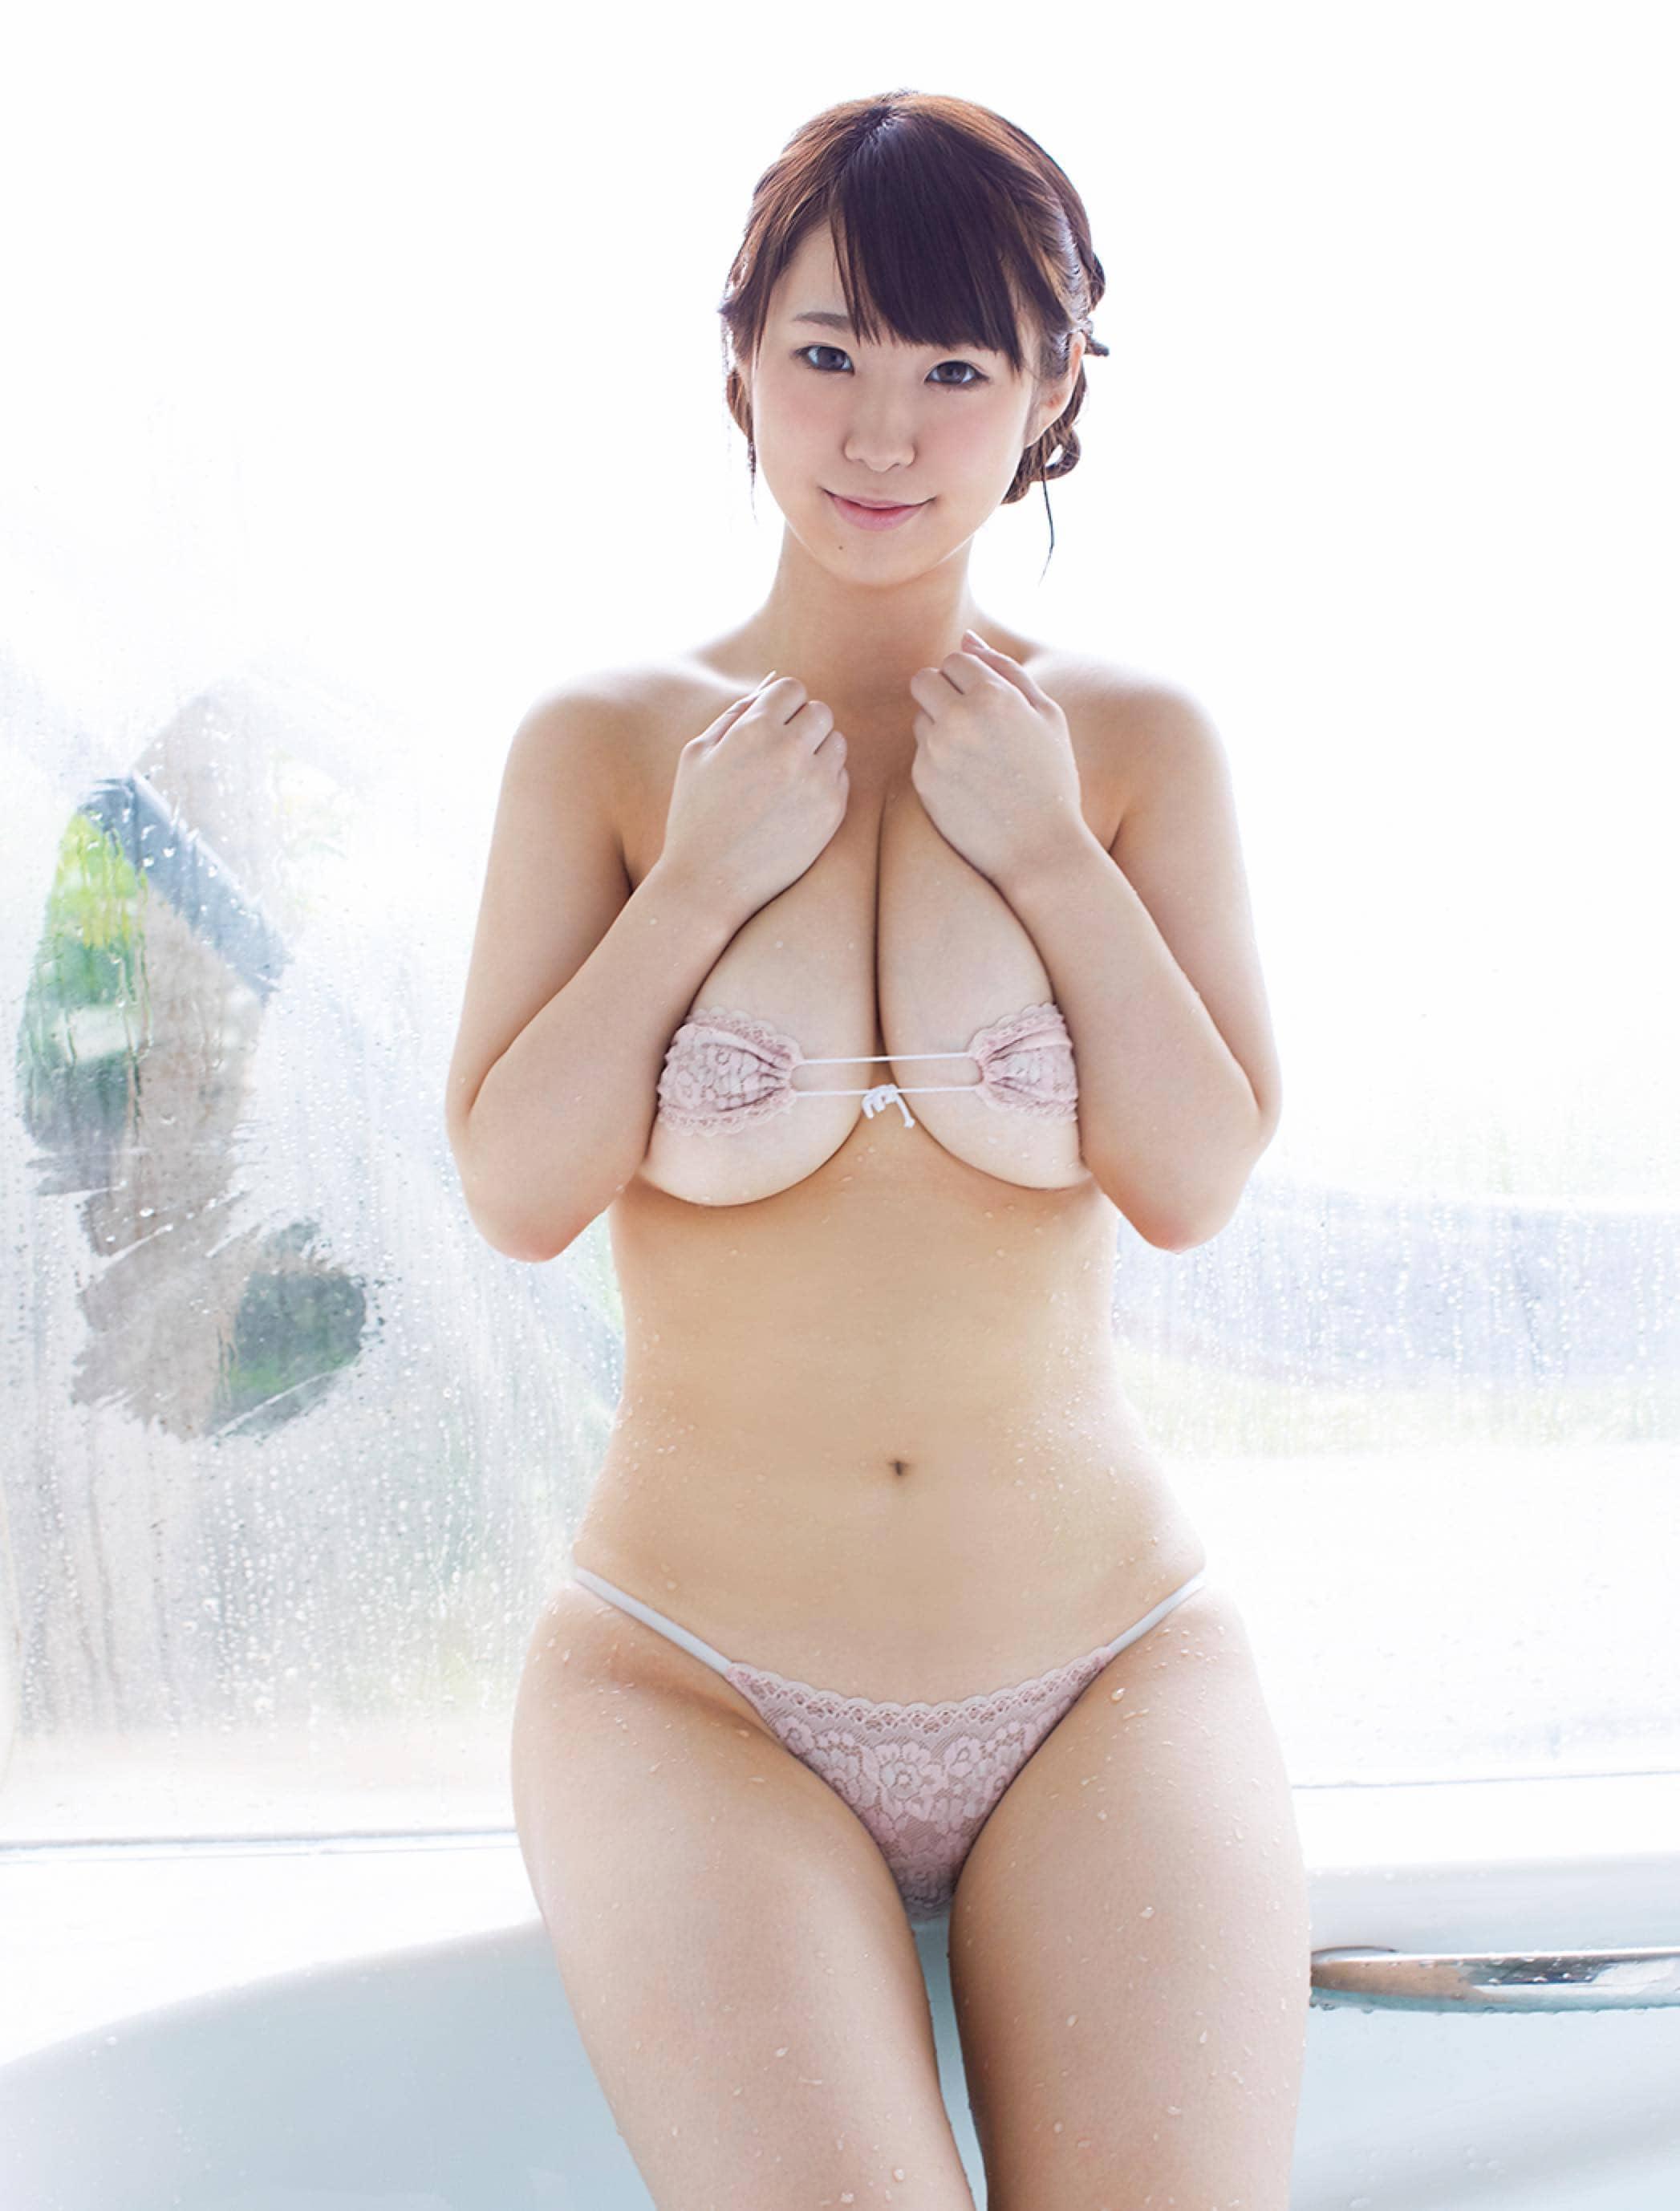 立川愛梨「ふわとろボディ」は今も成長中!【写真13枚】の画像001